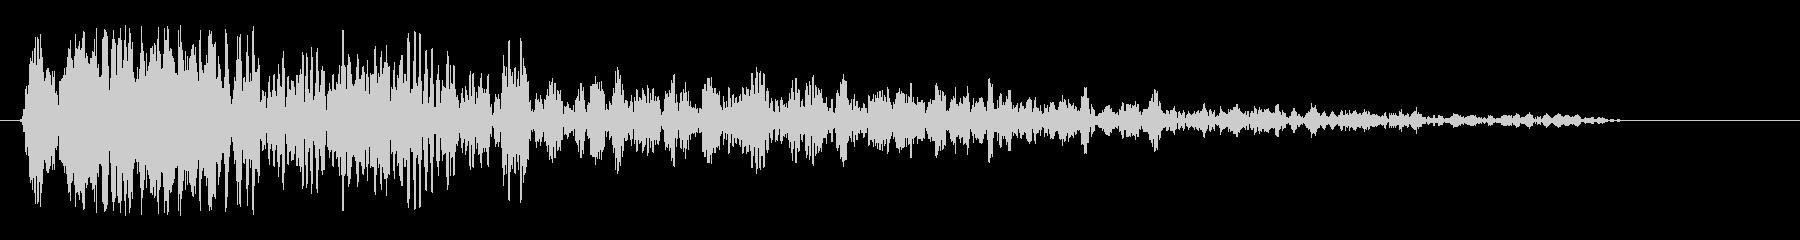 クワンクワワ(回転音)の未再生の波形